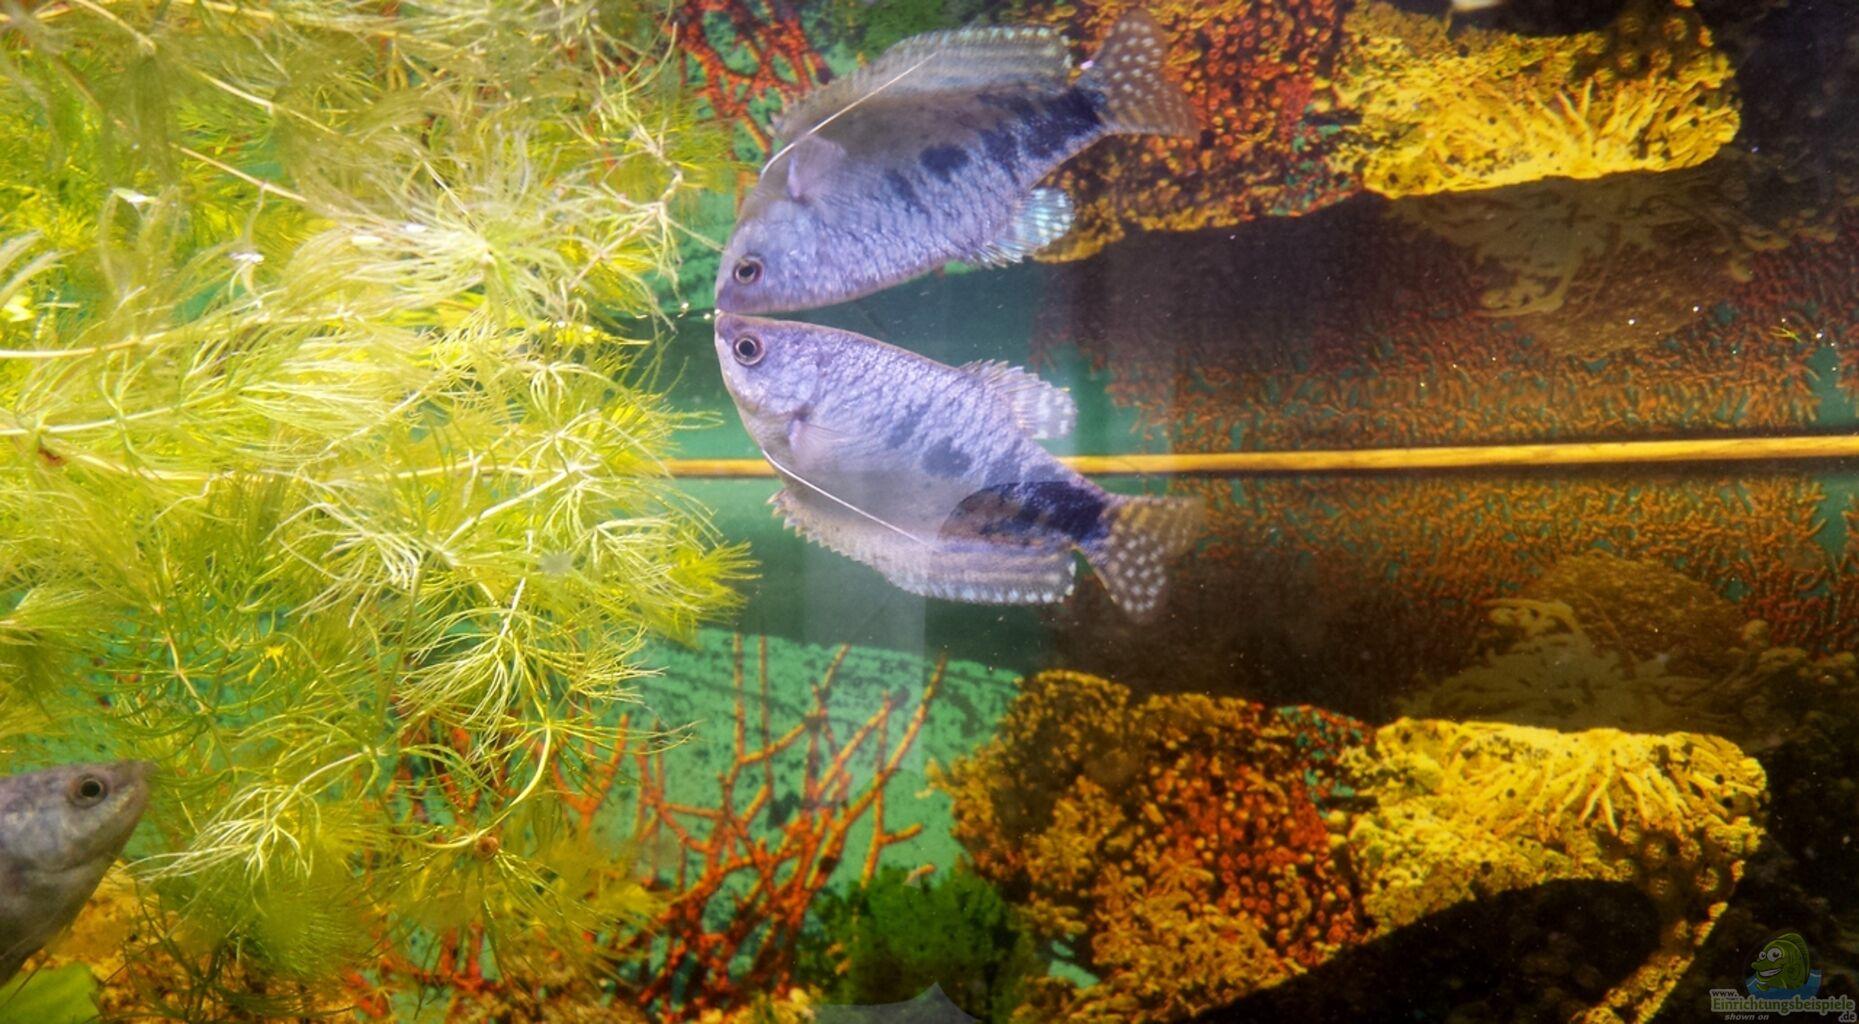 Marmor fadenfisch mann aus barsch fadenfisch von mamo2000 for Zierfische barsch